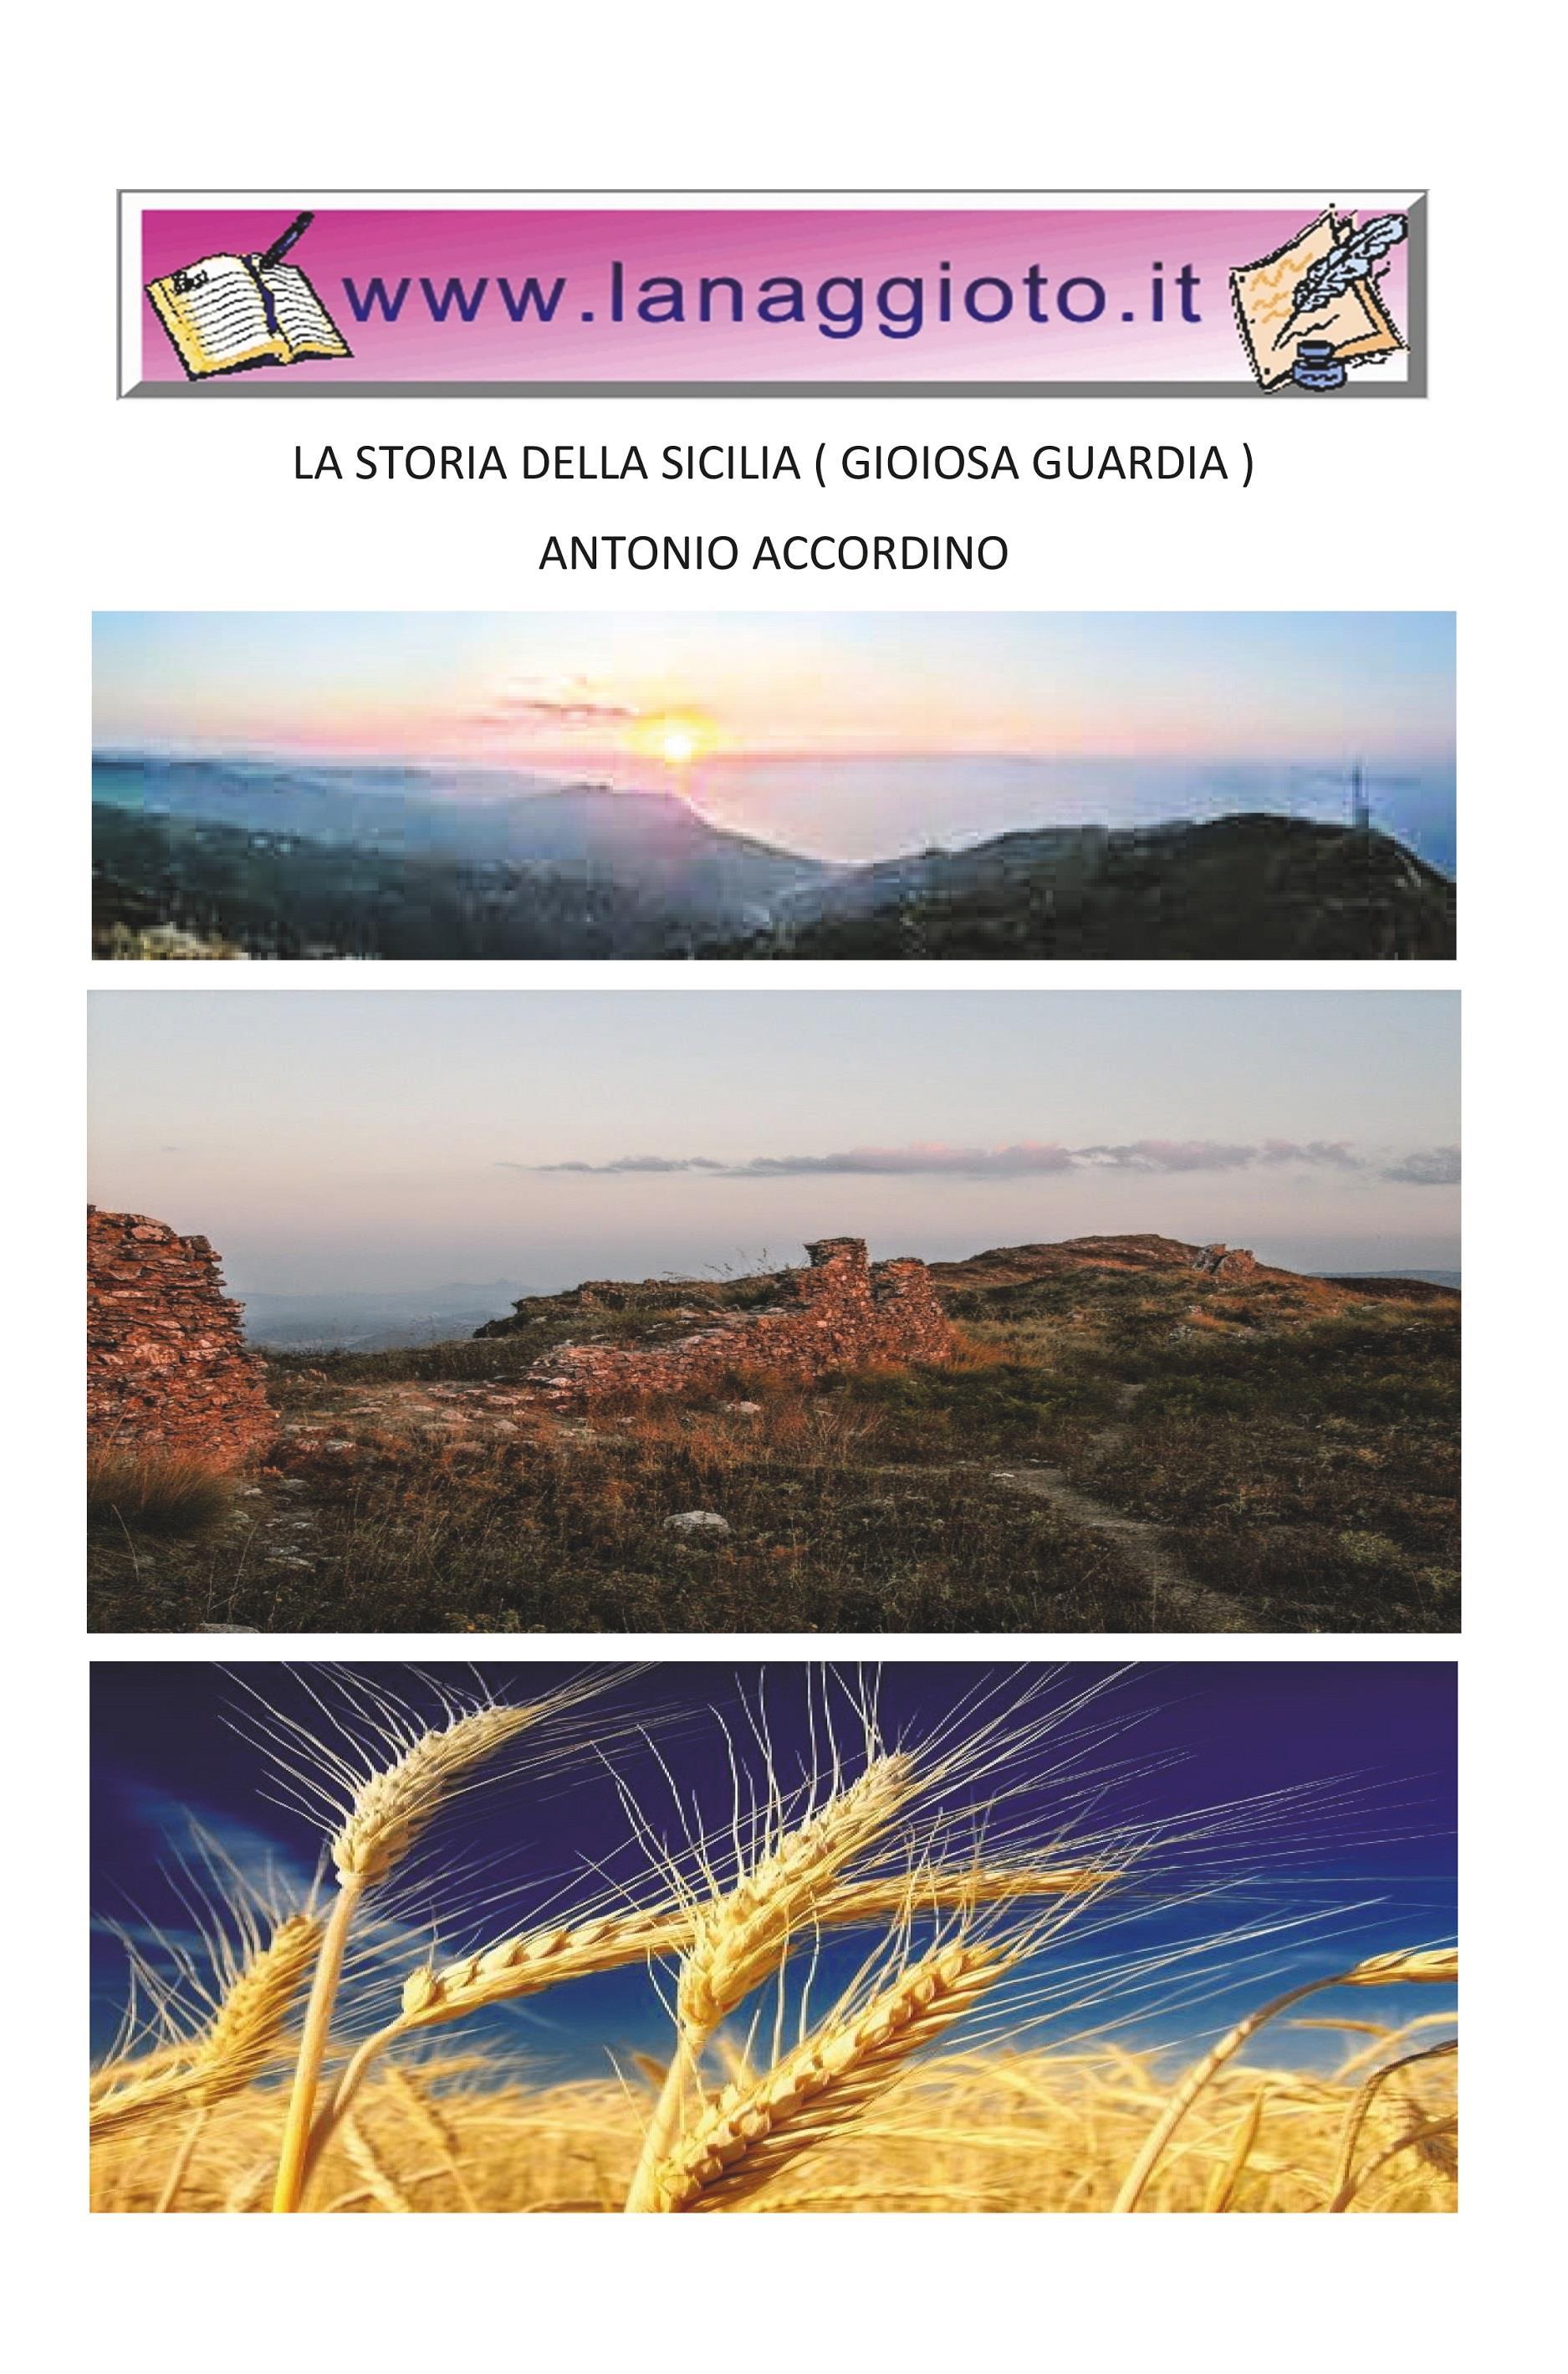 La storia della Sicilia (Gioiosa Guardia)